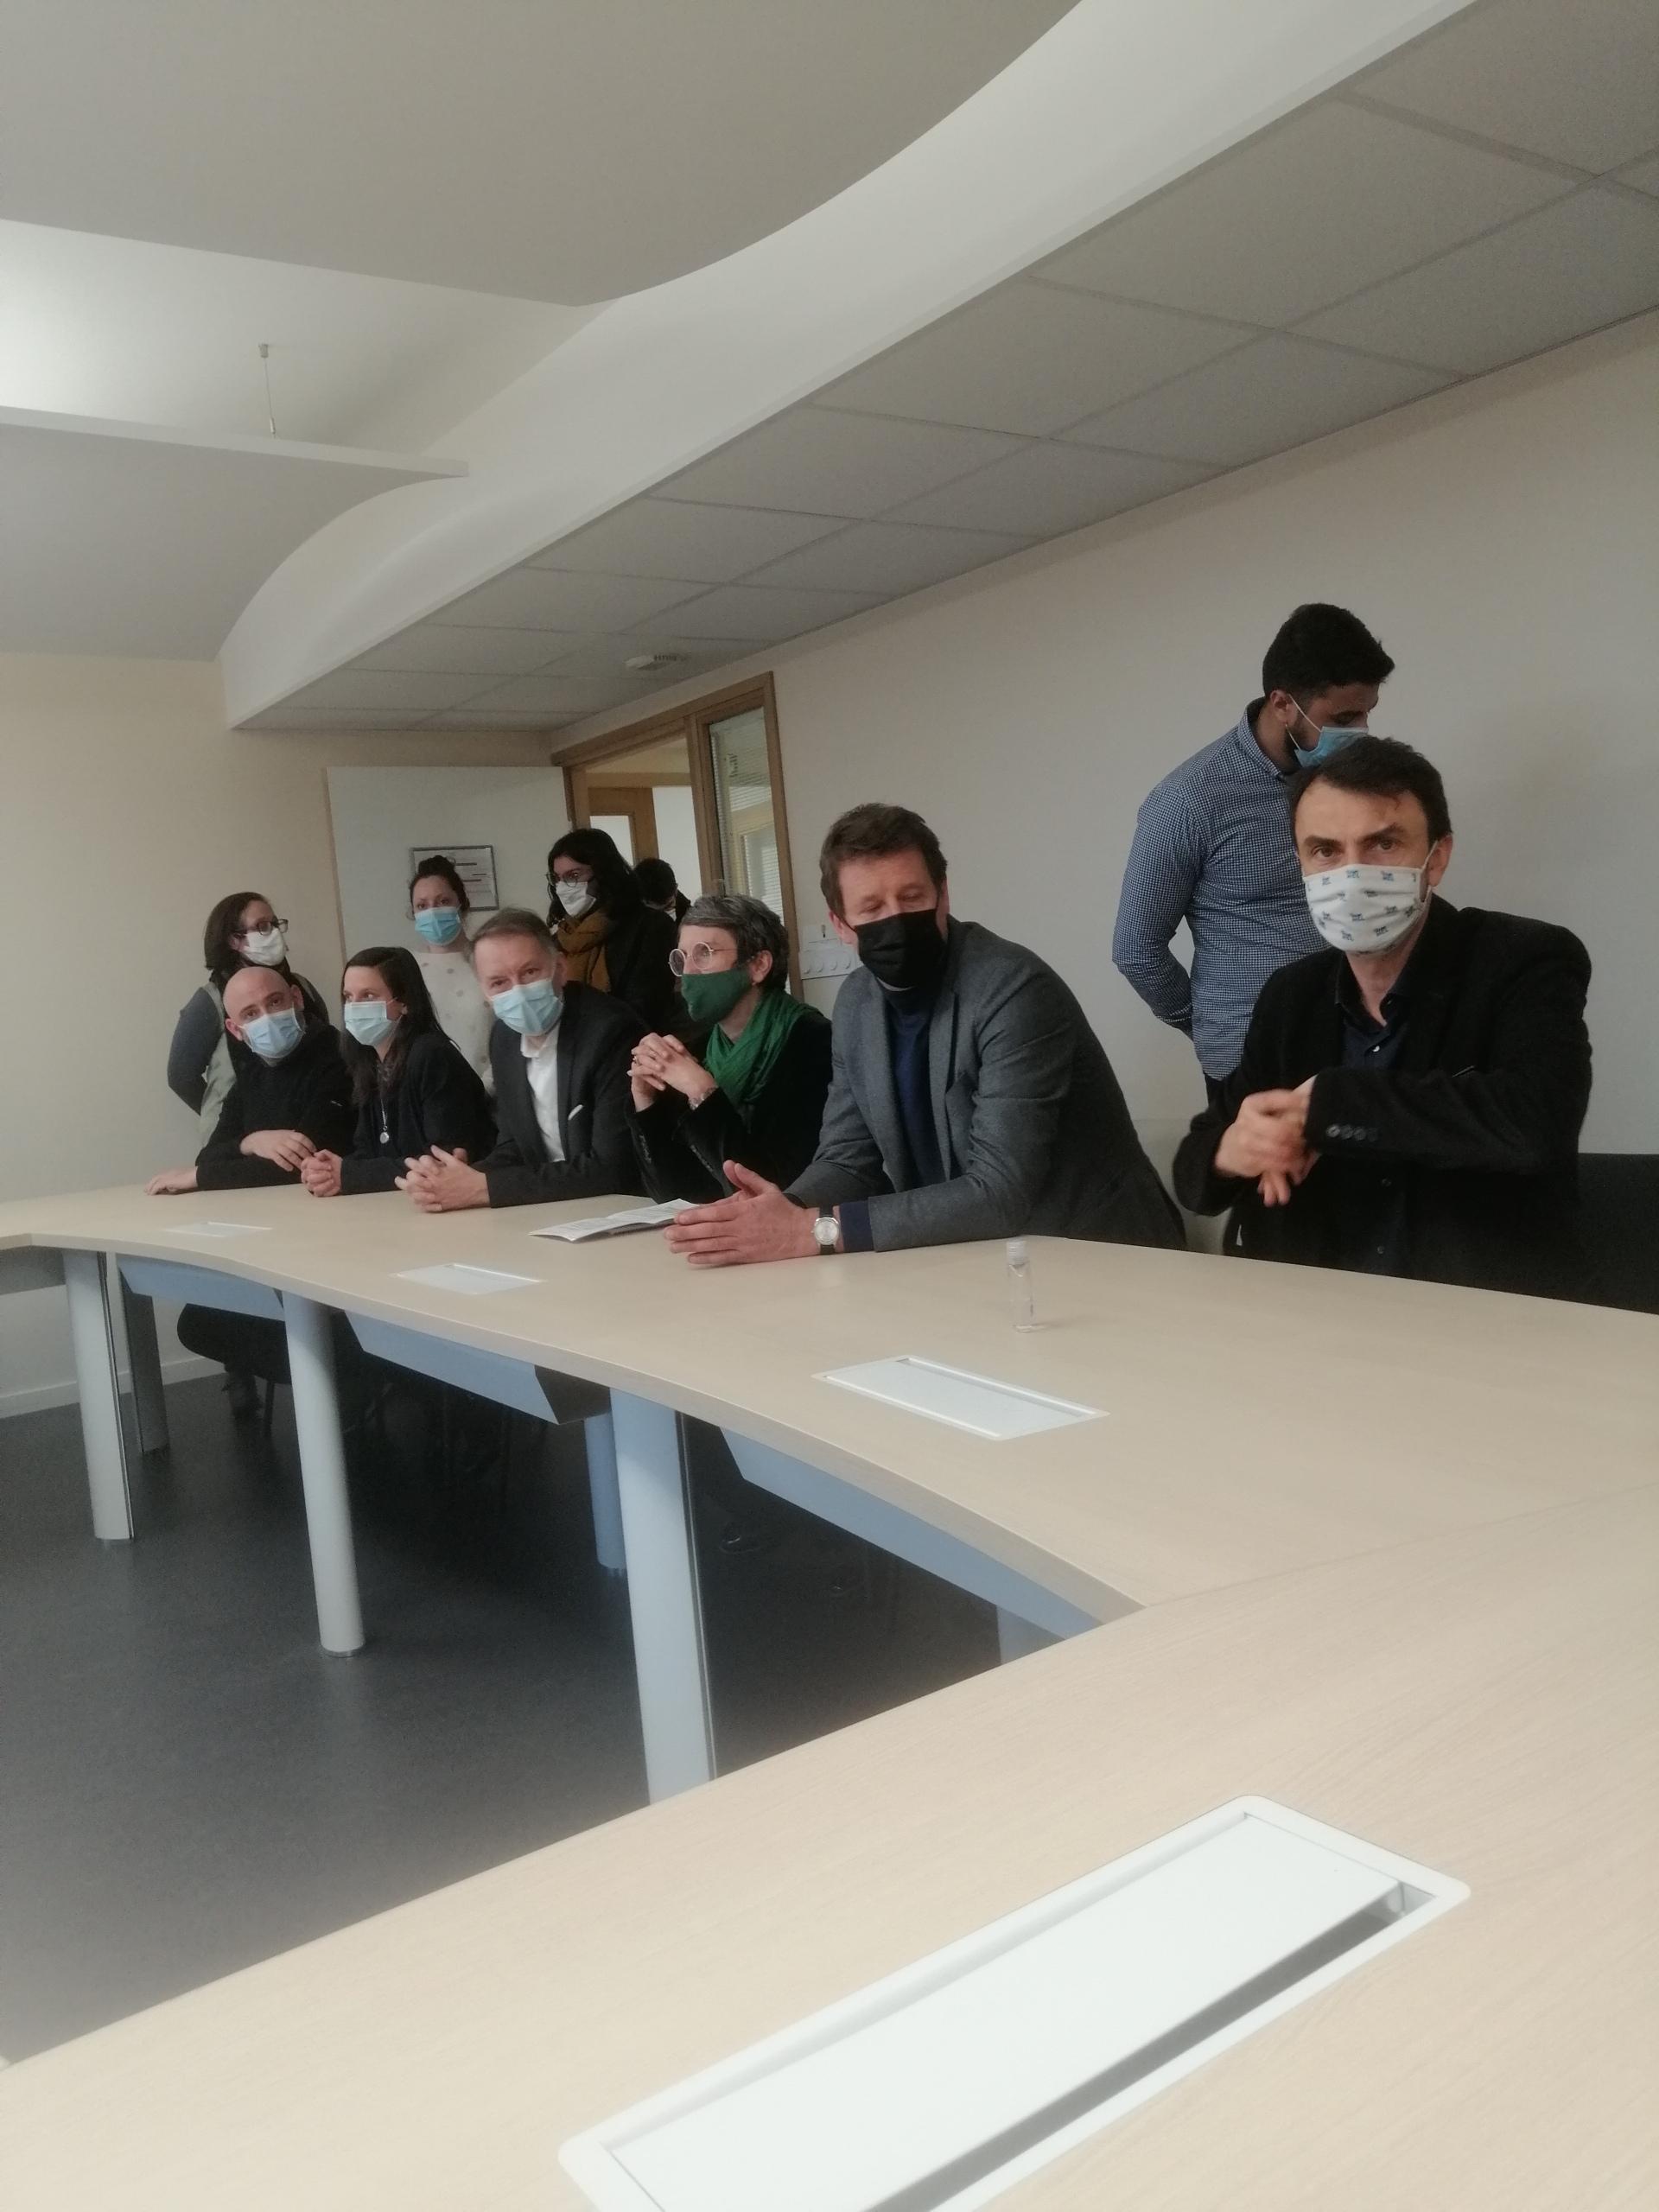 Les élus écologistes lyonnais lors d'une visite de Fabienne Grébert et Yannick Jadot